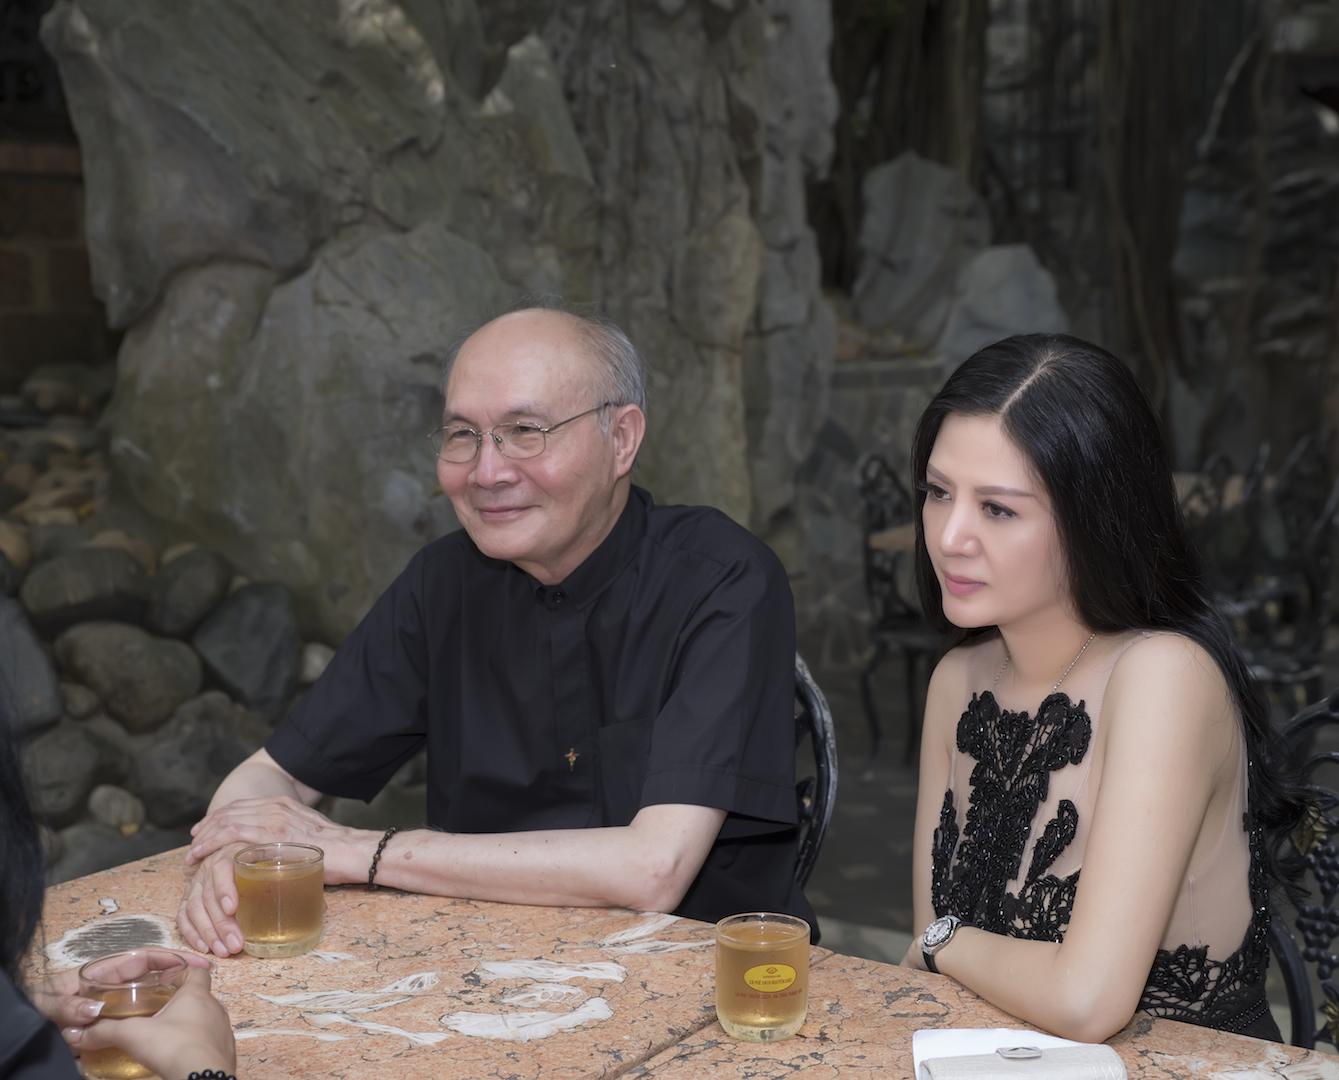 Giải trí - 'Nữ hoàng phòng trà Hà Nội' bất ngờ tái xuất vì Vũ Thành An (Hình 3).